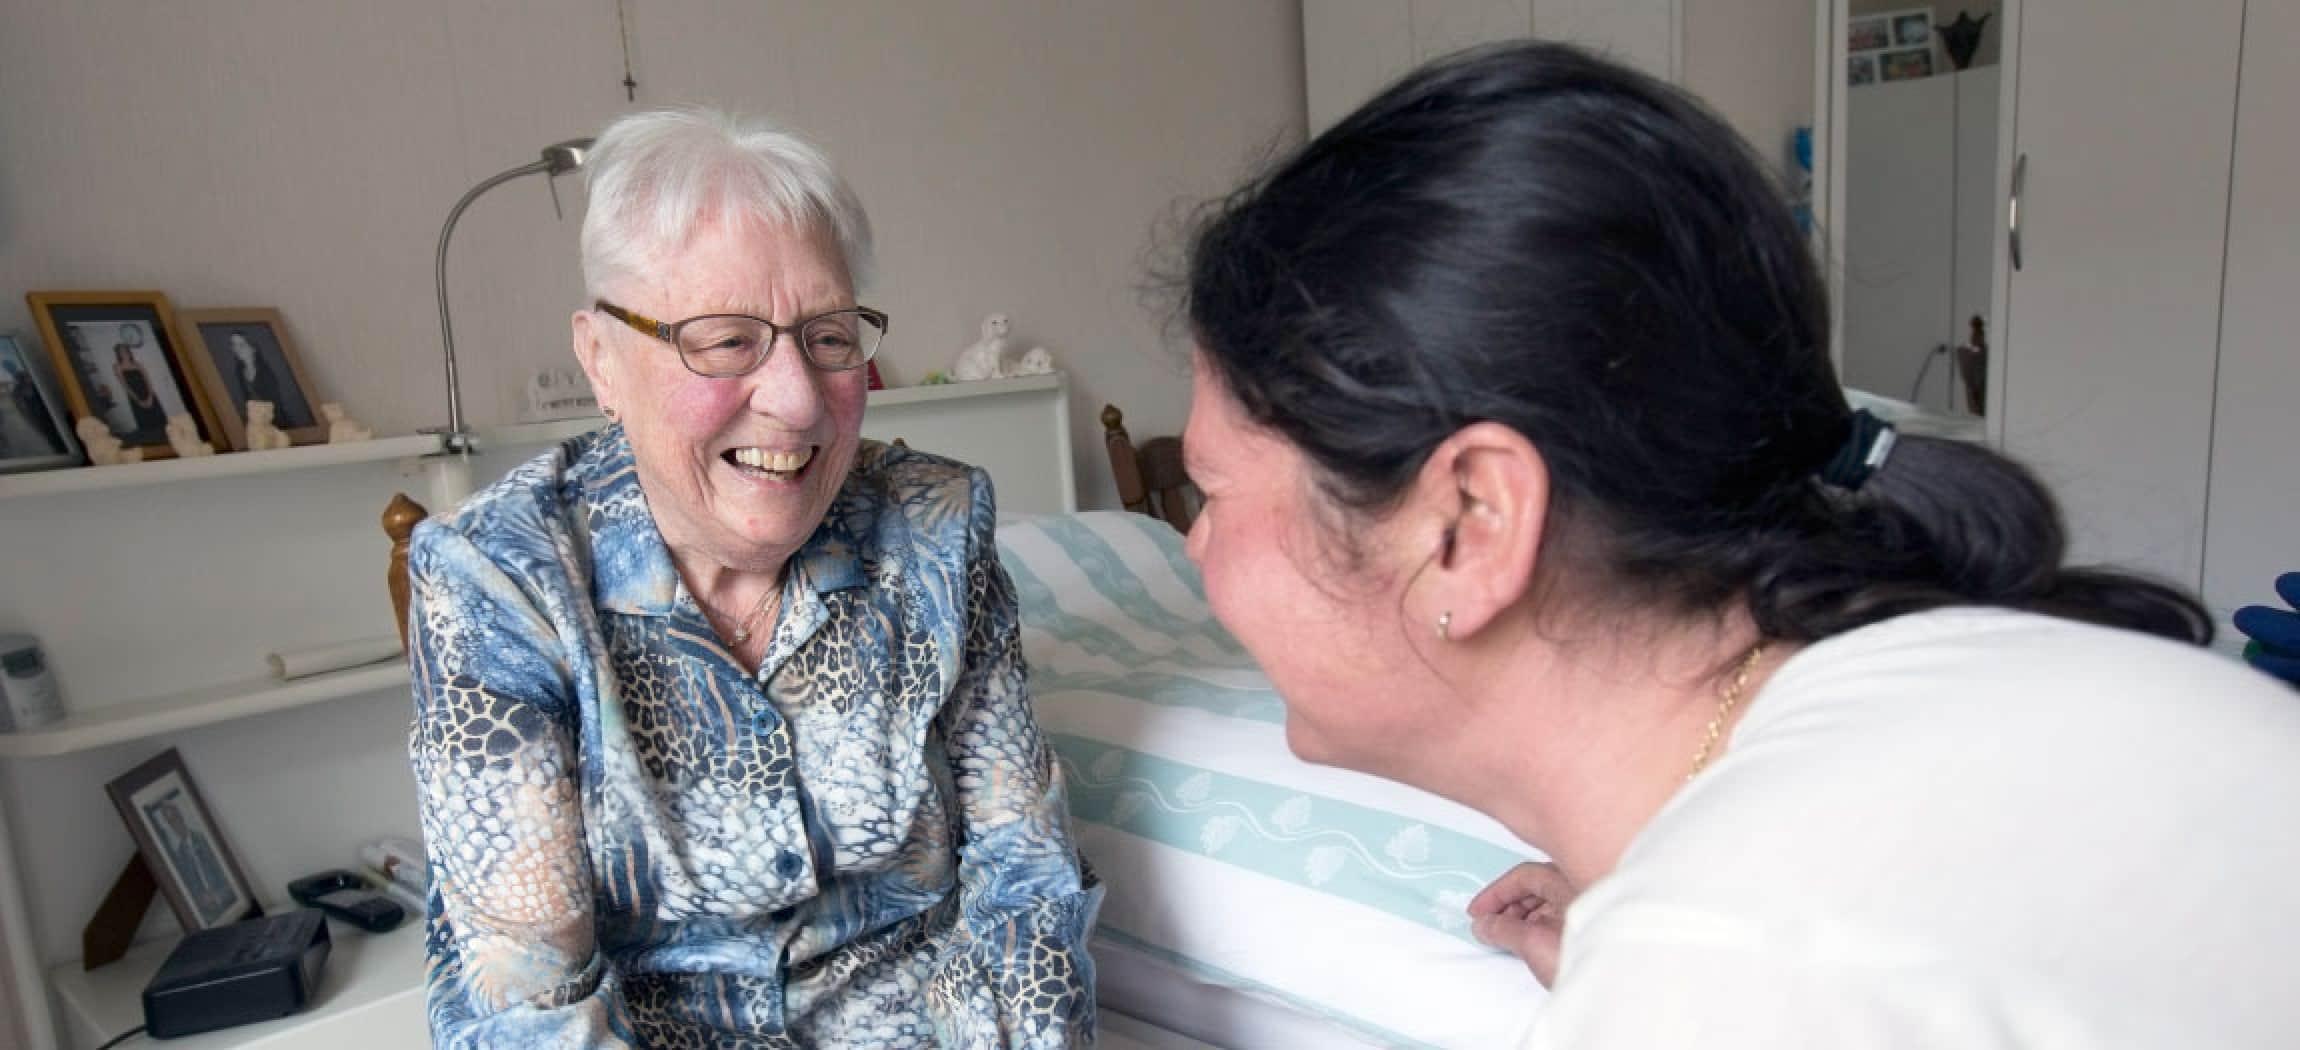 In slaapkamer van oudere vrouw kijkt wijkverpleegkundige oude vrouw aan